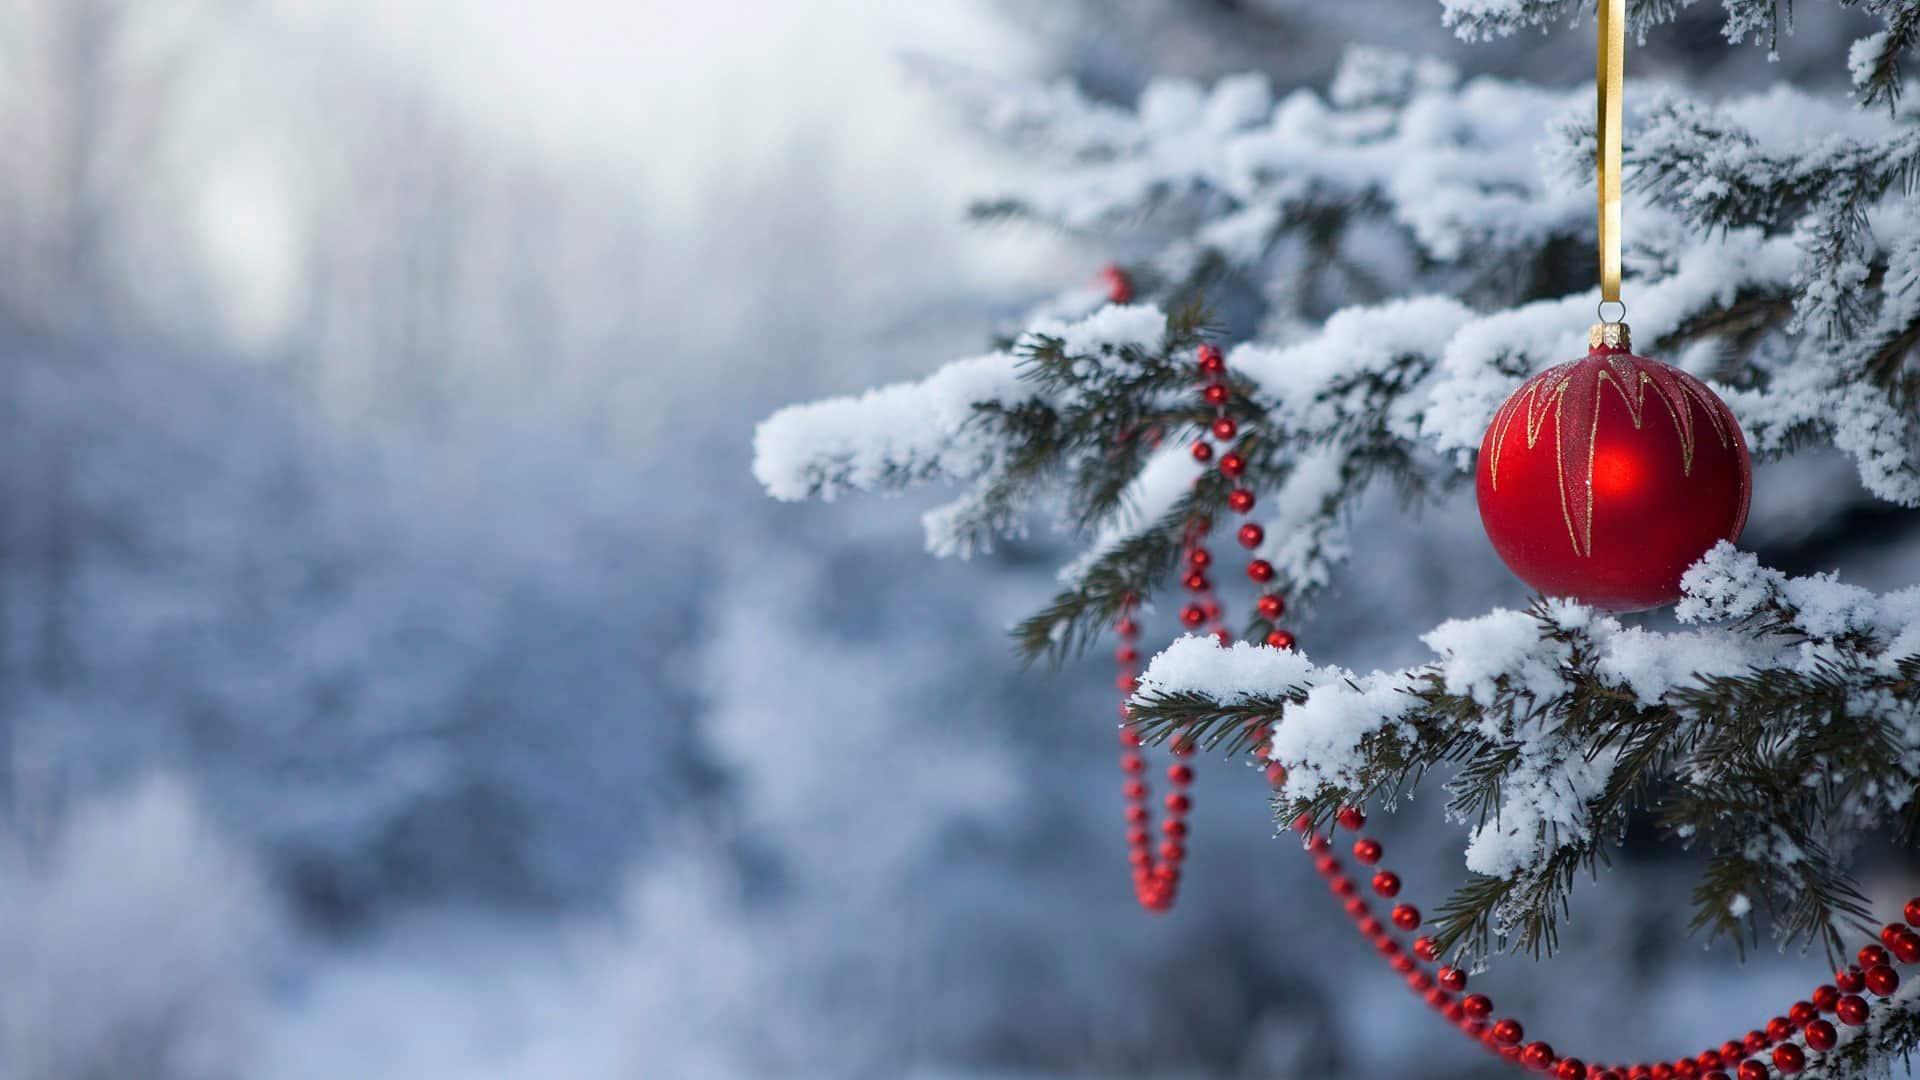 Какая будет погода на Новый год 2020: прогноз для регионов России, какой будет погода зимой 2019-2020, народные приметы